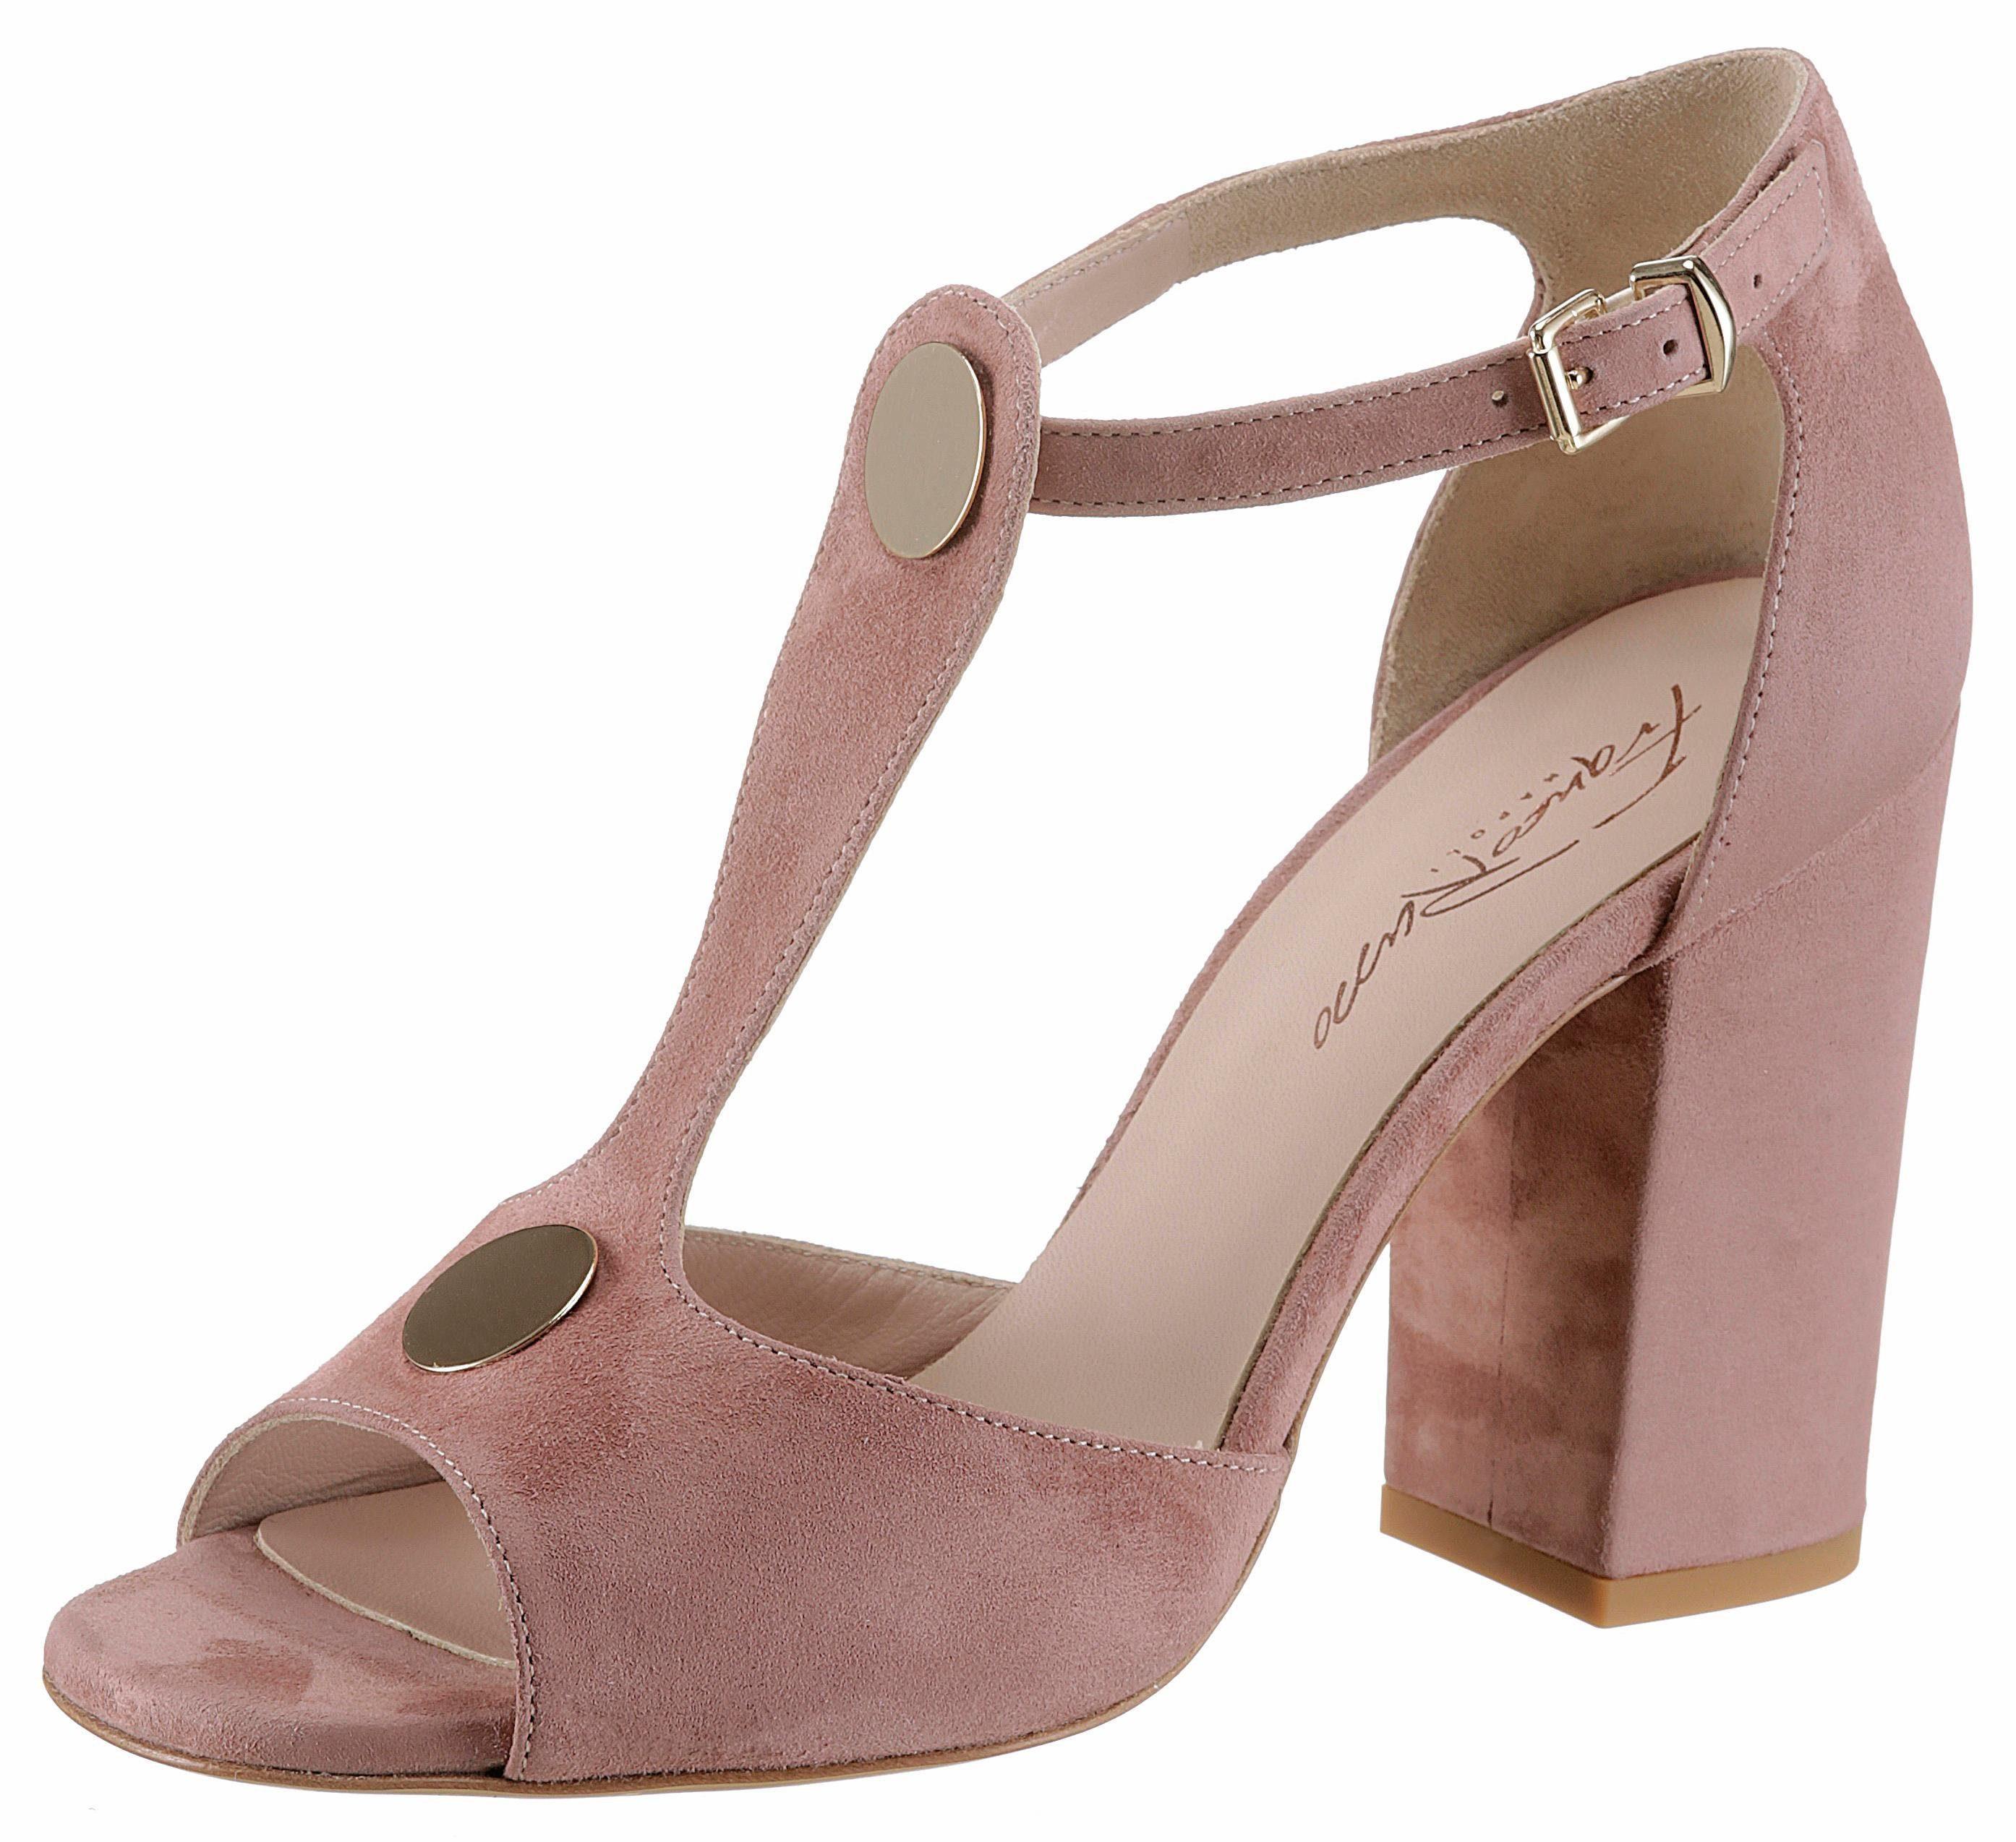 Franco Russo High-Heel-Sandalette, mit dezenten Schmuckelement online kaufen  altrosa